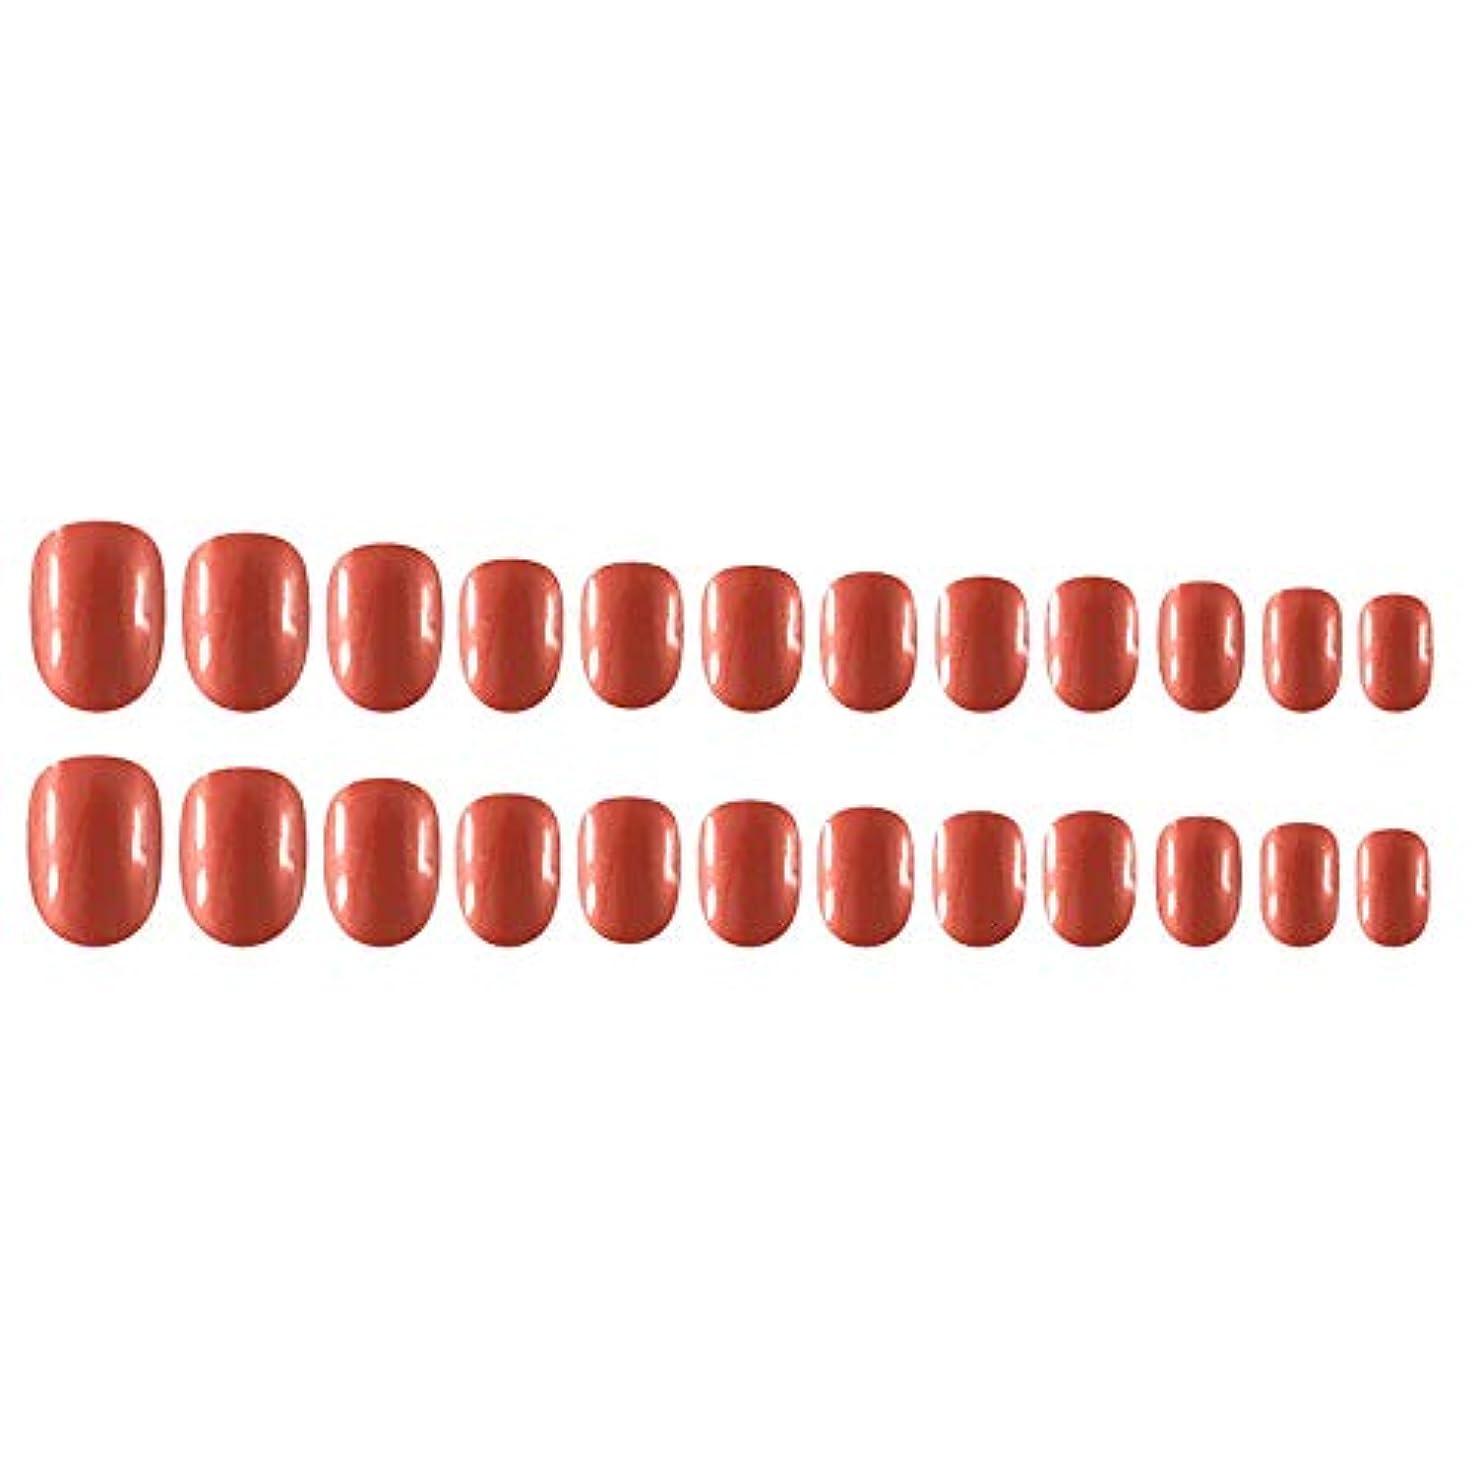 用量断線責Decdeal Decdeal ネイルチップ 24ピース 12異なるサイズ diy サロン ネイルアートツール 偽